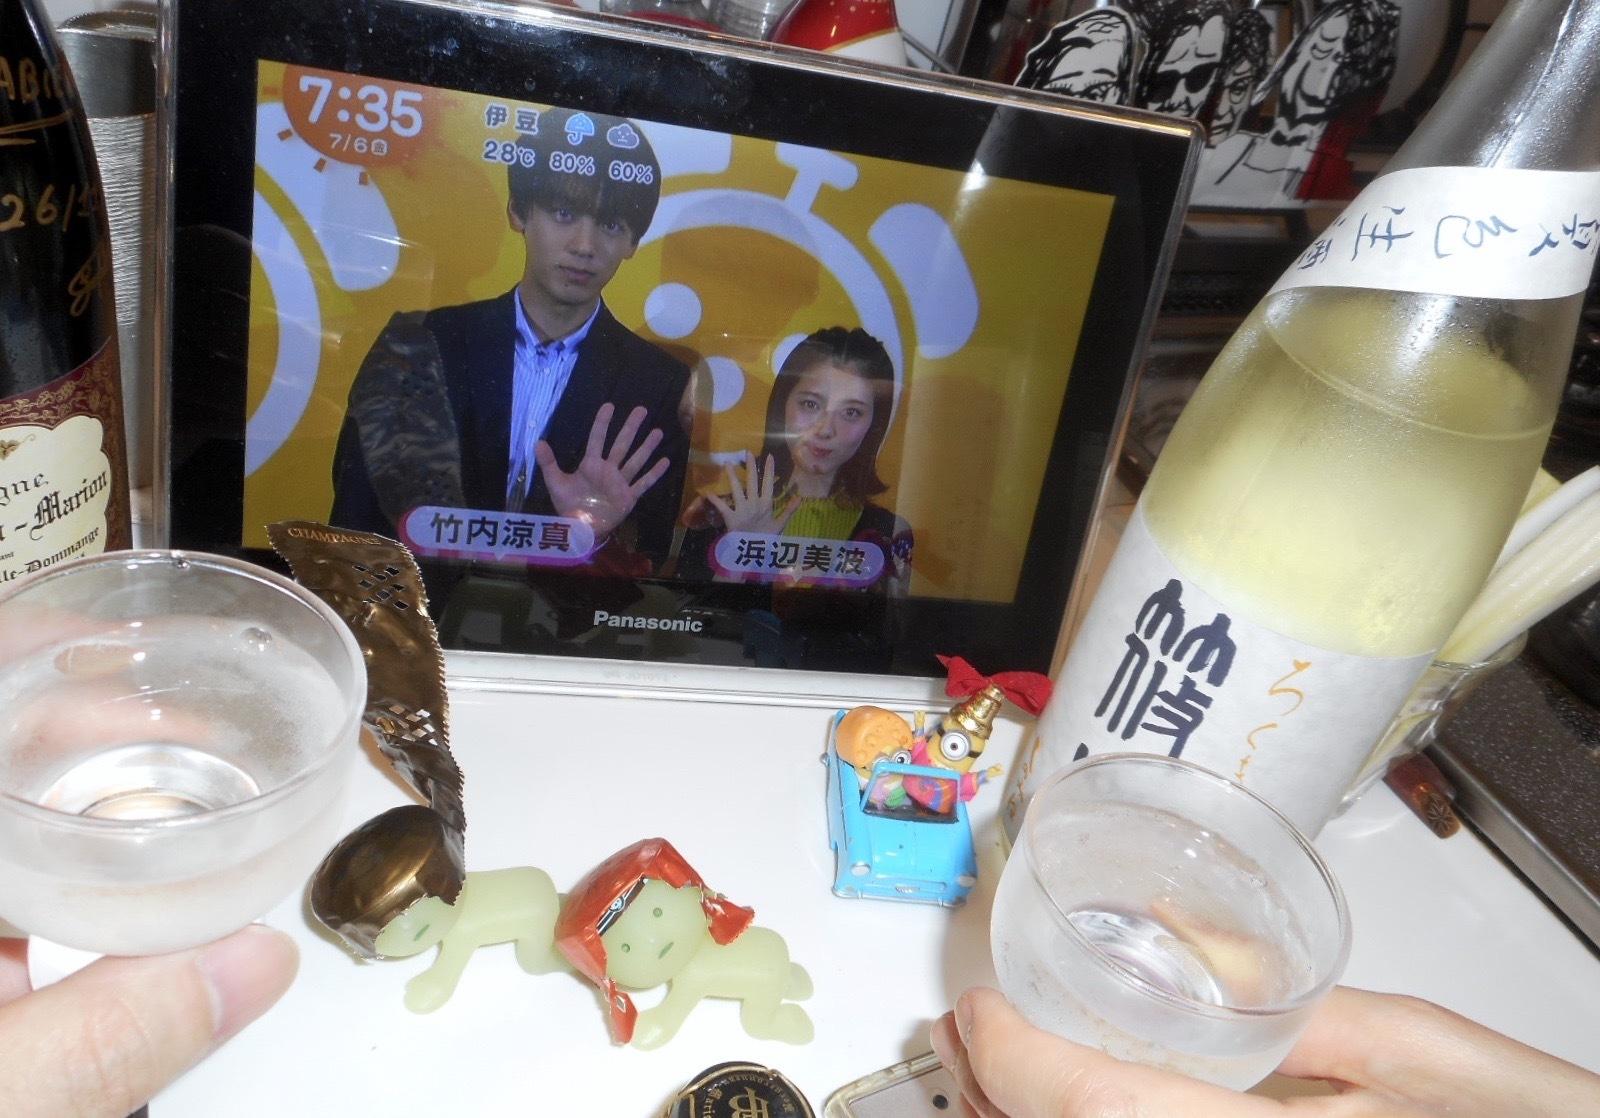 rokumaru_oyama夏色29by4